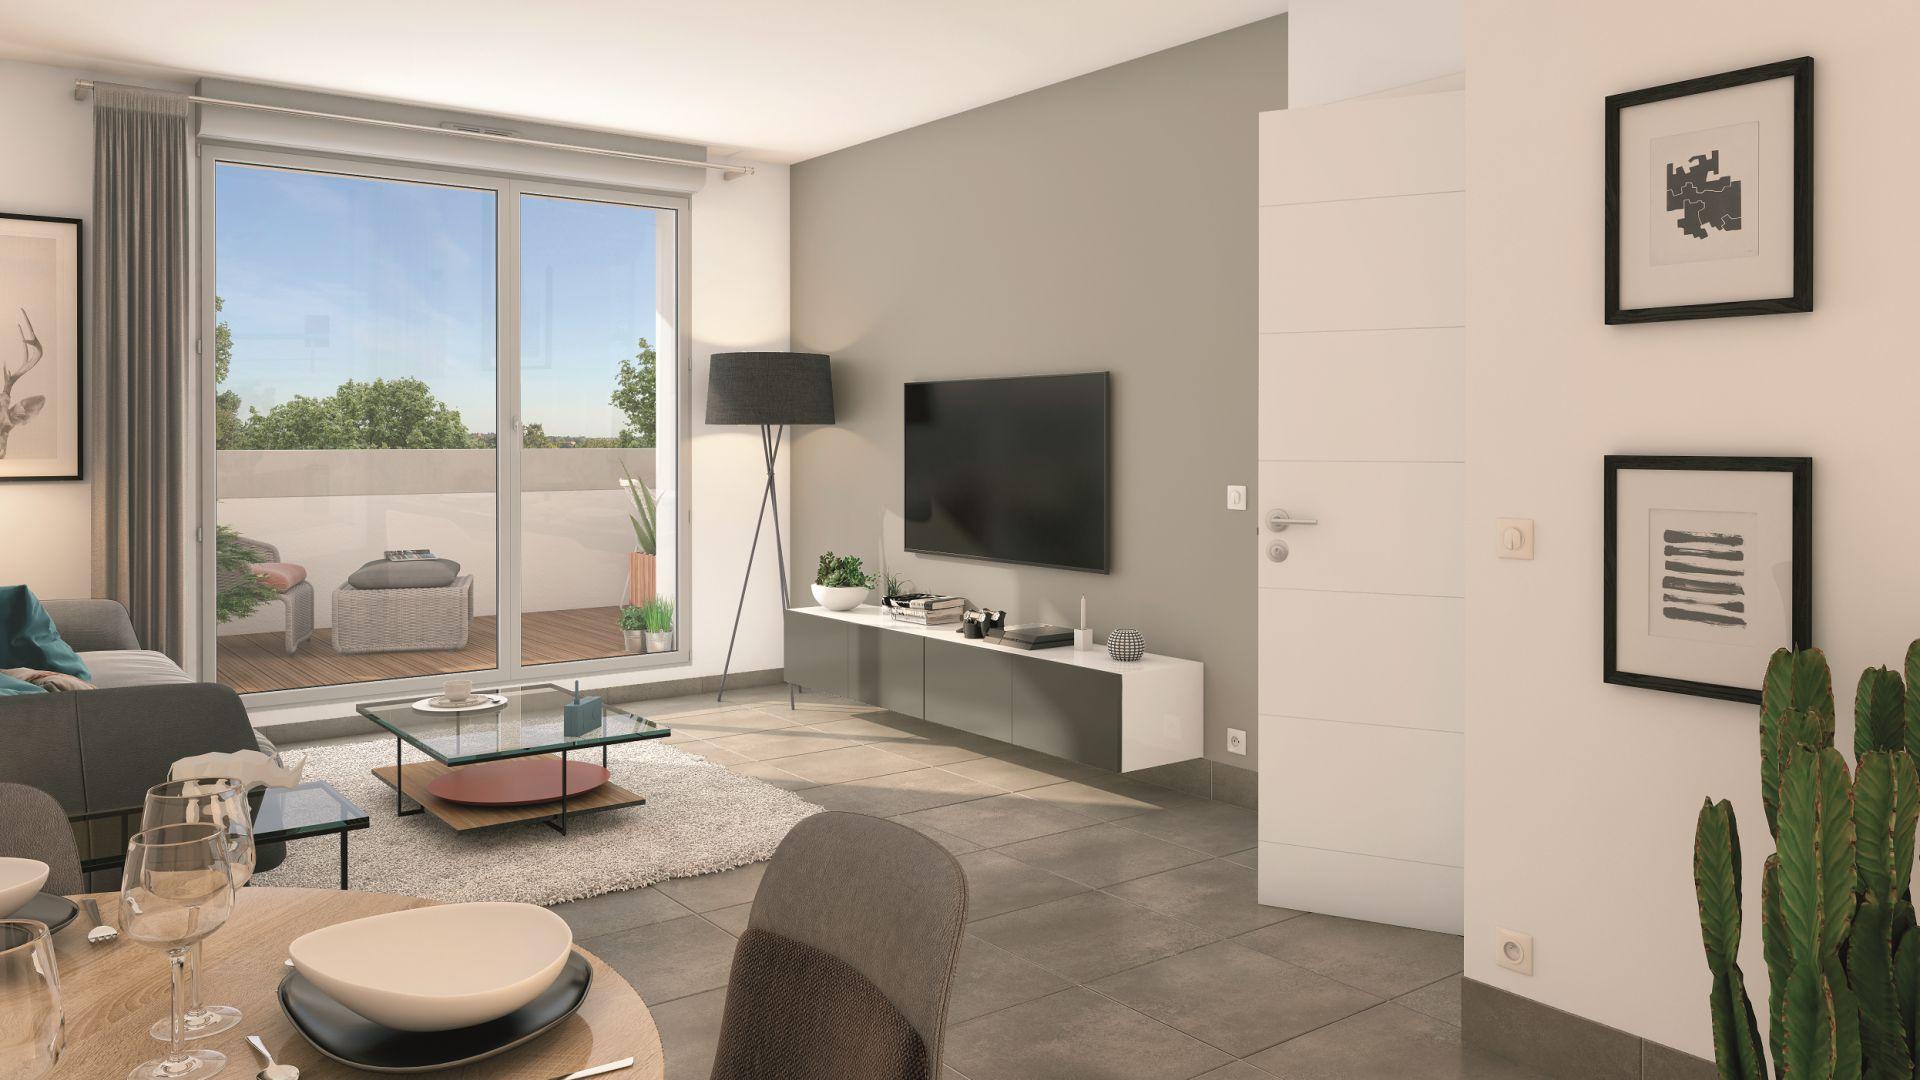 Greencity Immobilier - Résidence Le Soprano - Castanet-Tolosan 31320 - appartements neufs du T1 au T2   - vue intérieure